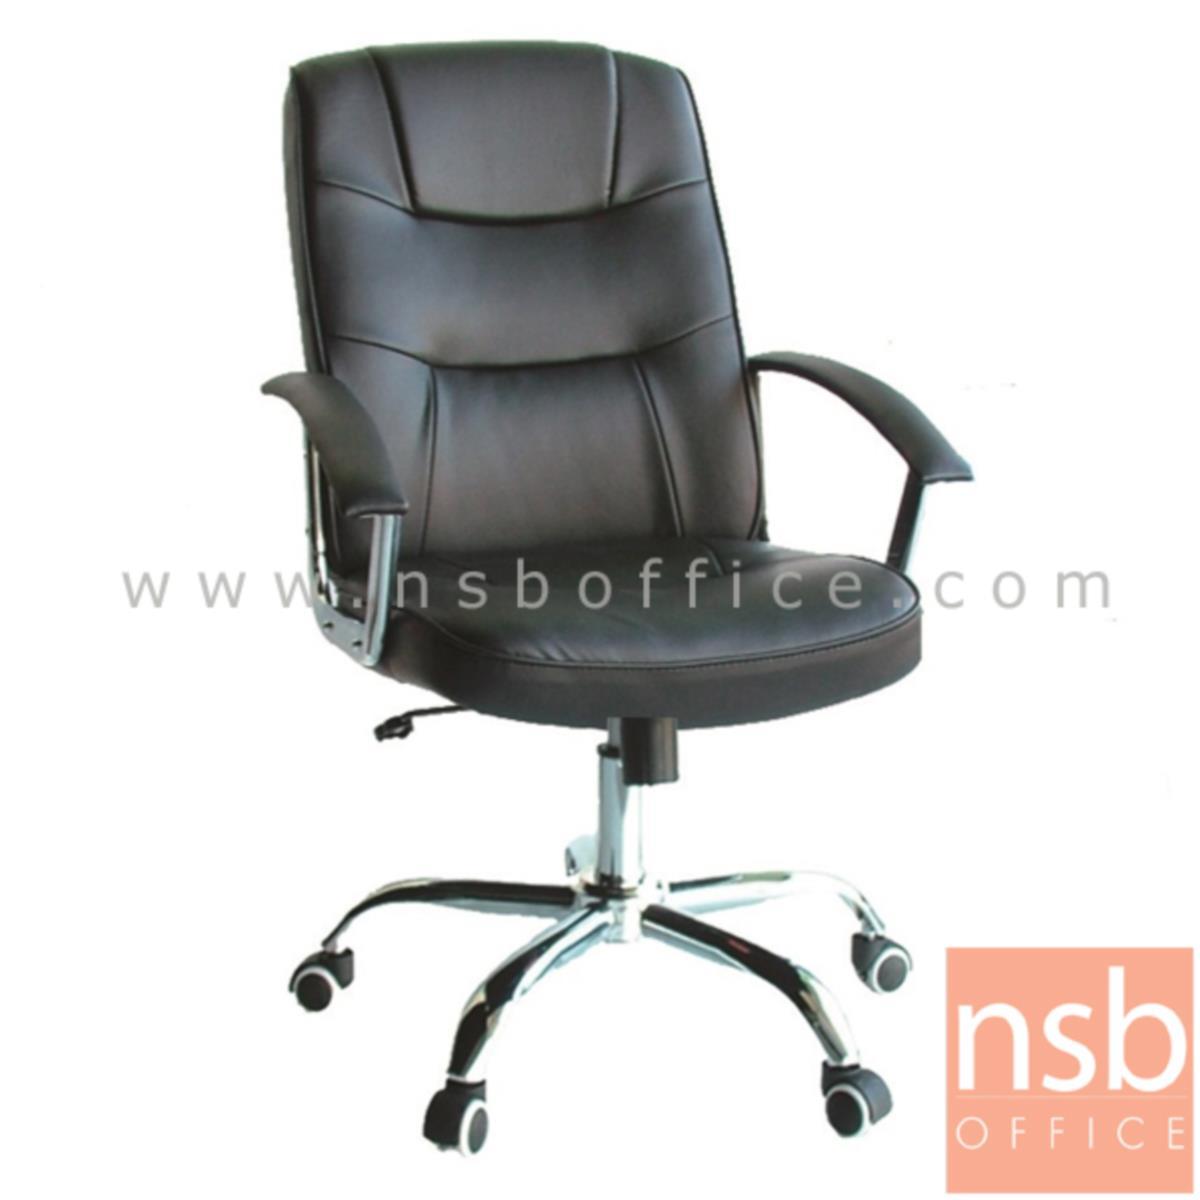 B26A083:เก้าอี้สำนักงาน รุ่น Shields (ชีลส์)  โช๊คแก๊ส มีก้อนโยก ขาเหล็กชุบโครเมี่ยม